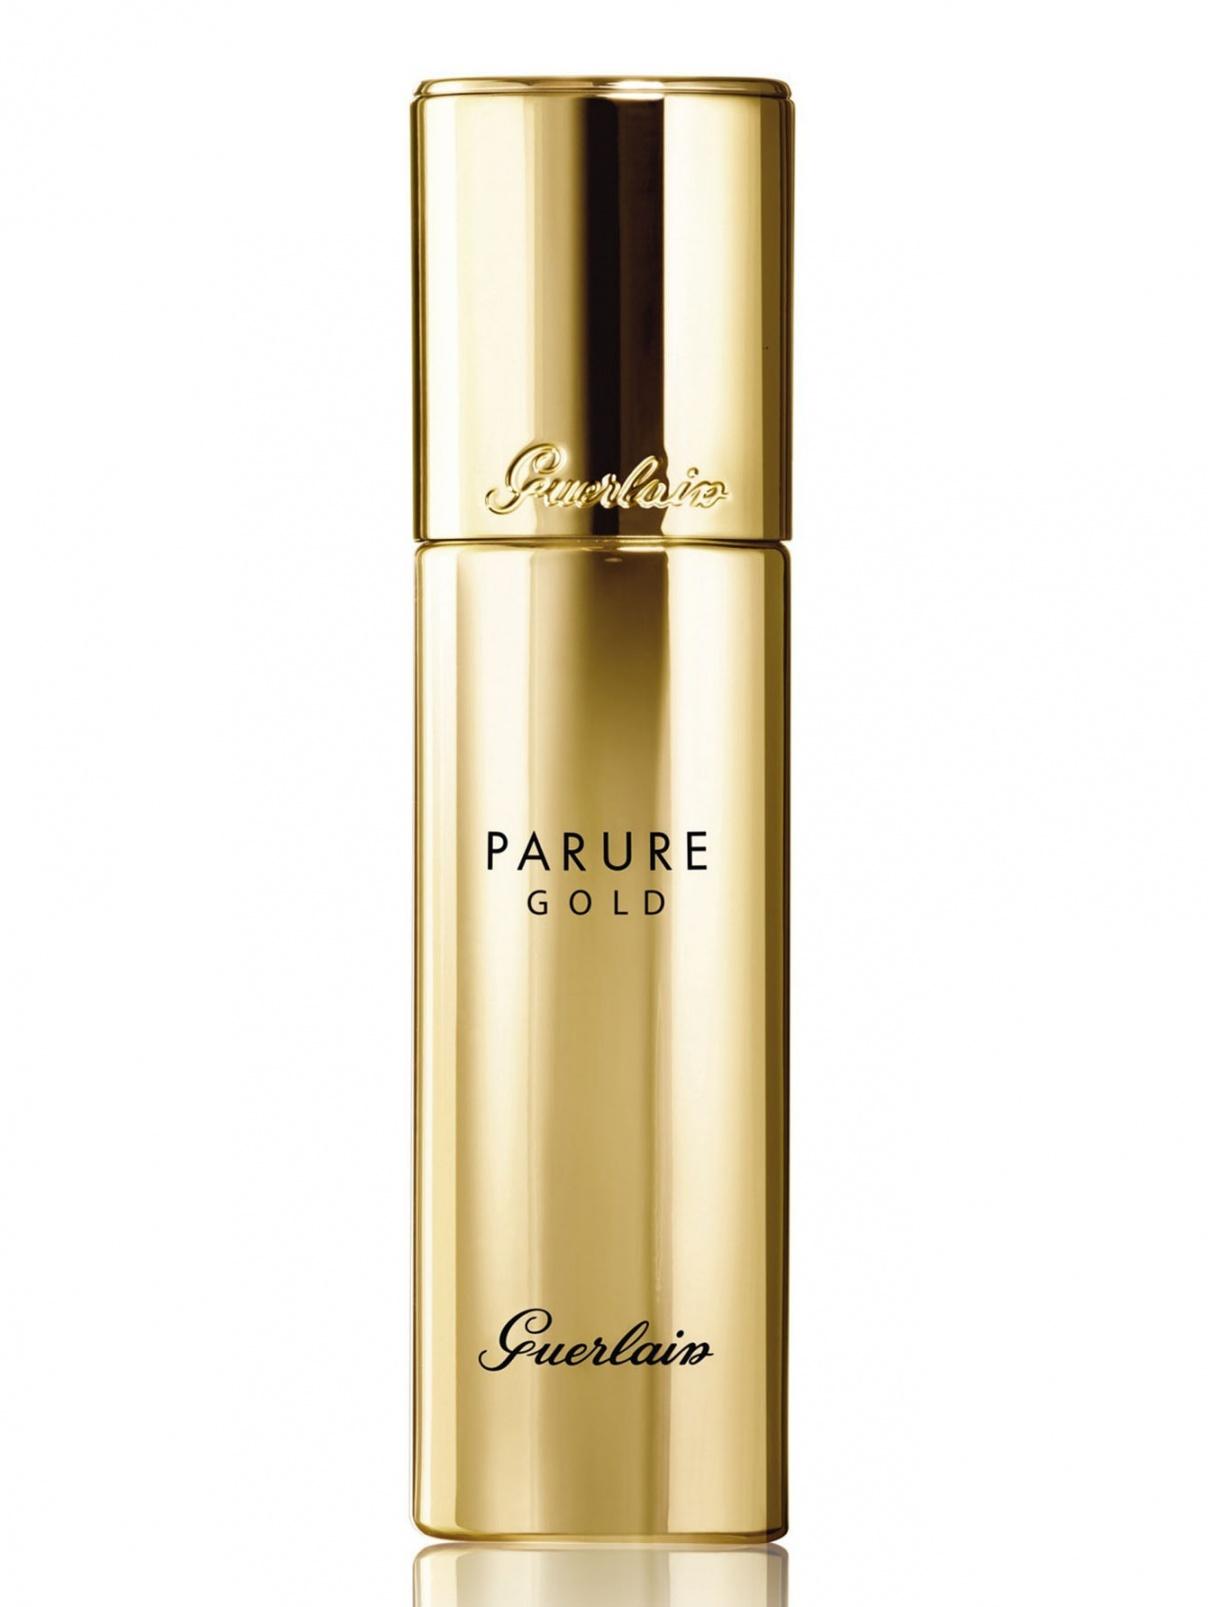 Стойкое тональное средство с омолаживающим эффектом PARURE GOLD SPF30-PA+++, 11 Бледно-розовый, 30 мл Guerlain  –  Общий вид